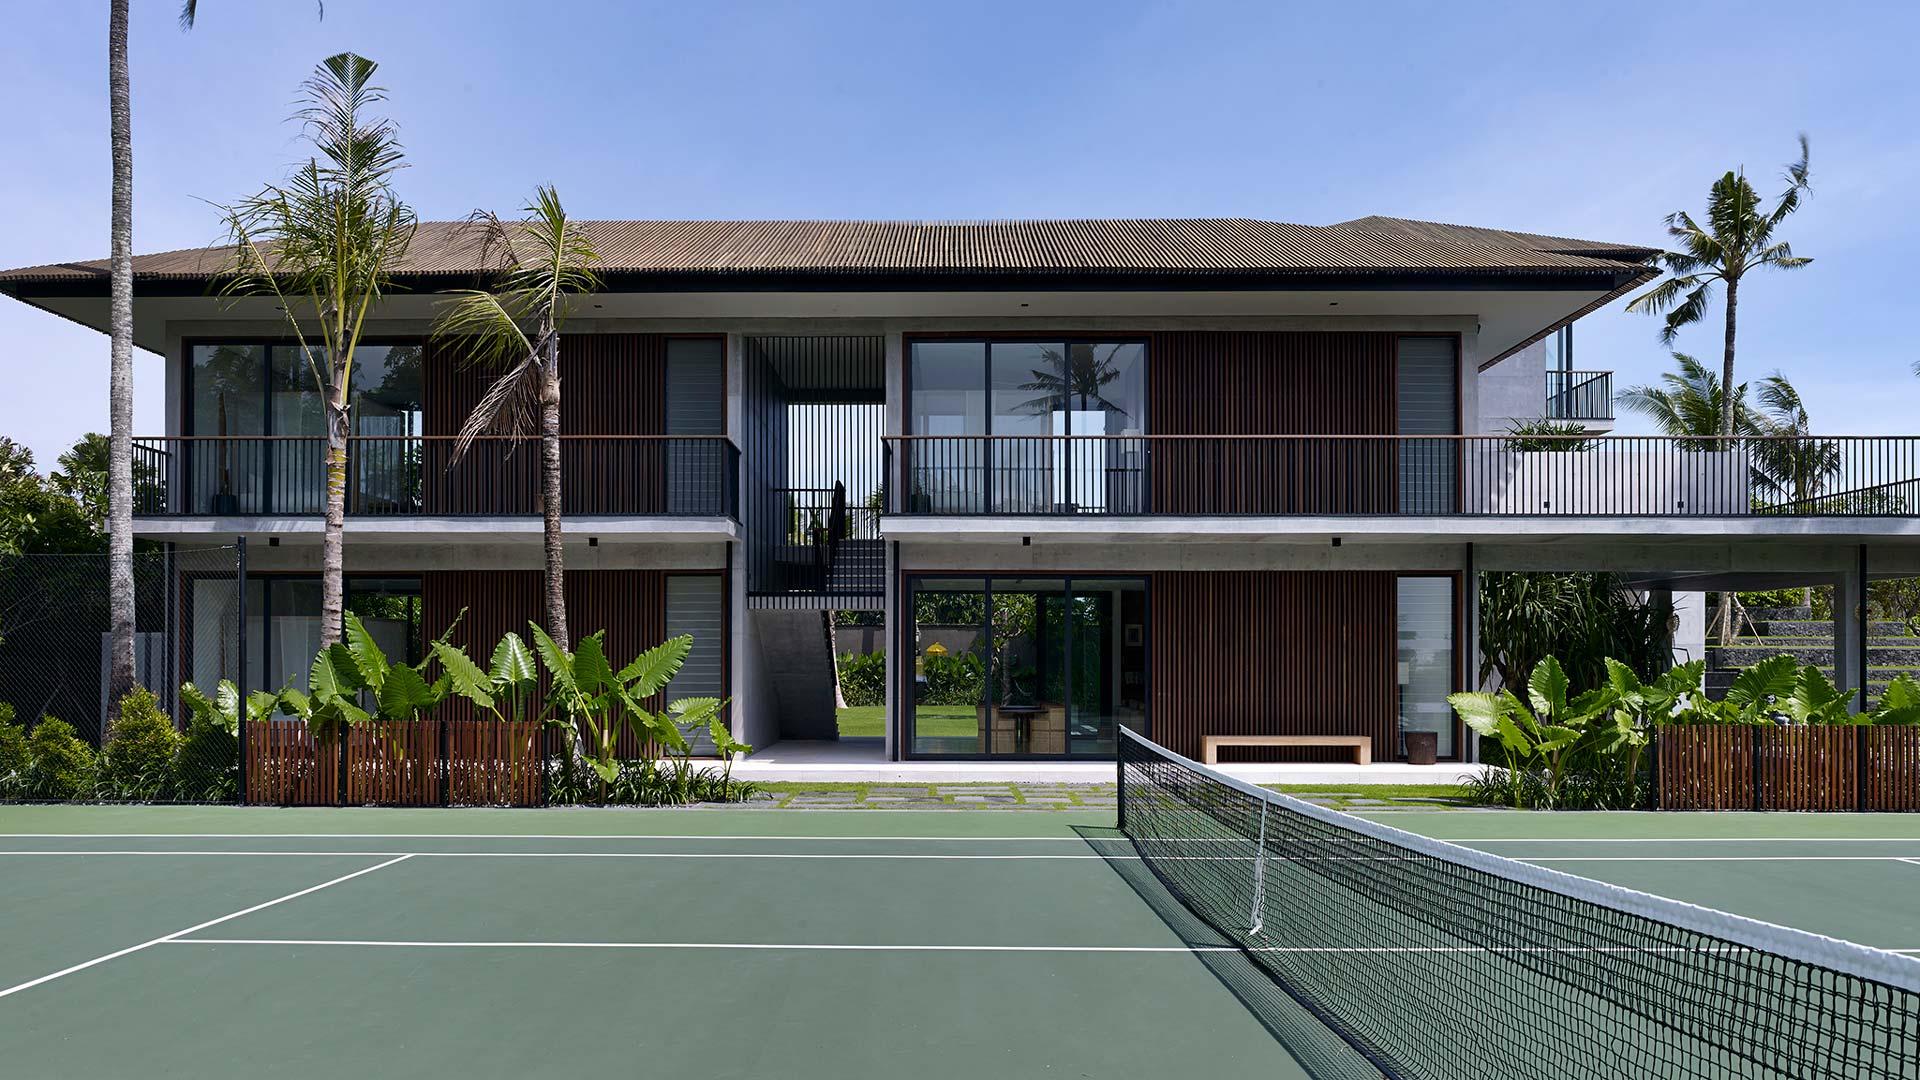 Bali Villas with Tennis Courts - Ultimate Bali Luxury Villas